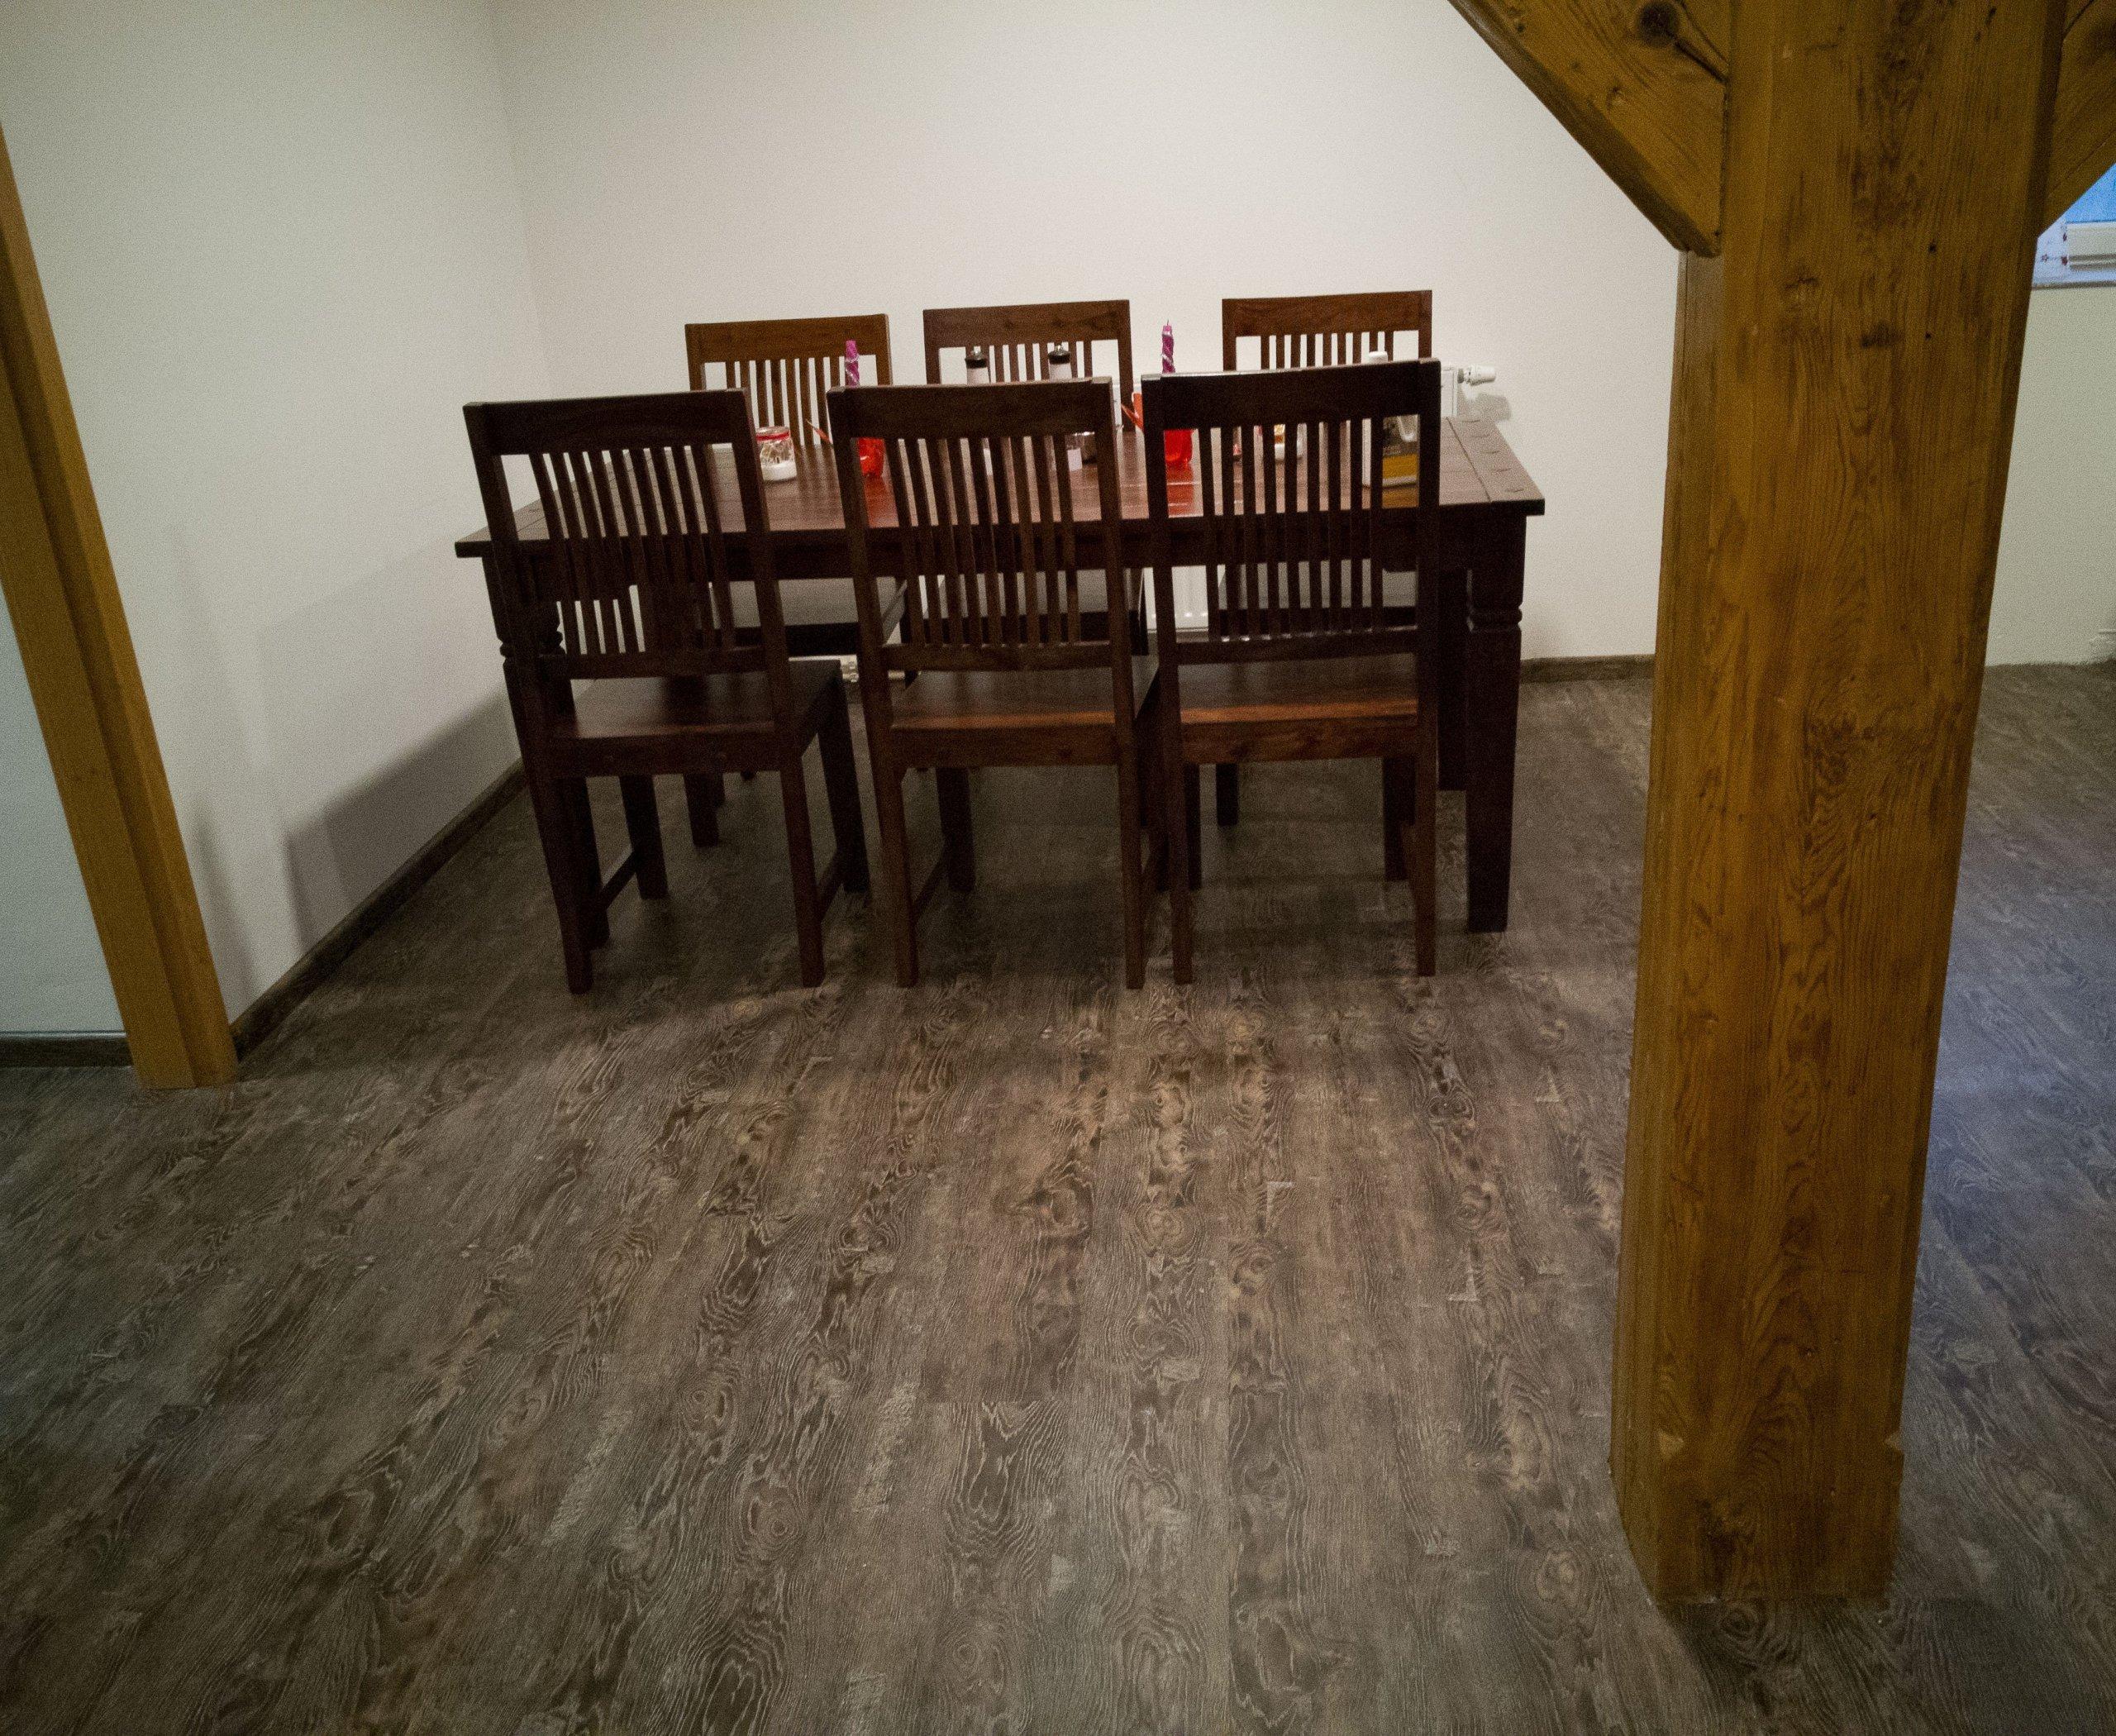 Zdařilá rekonstrukce domu s vinylovou podlahou BUKOMA PREMIUM CLICK dekor Dub Stoletý. Stejný dekor podlahy je v celém patře.